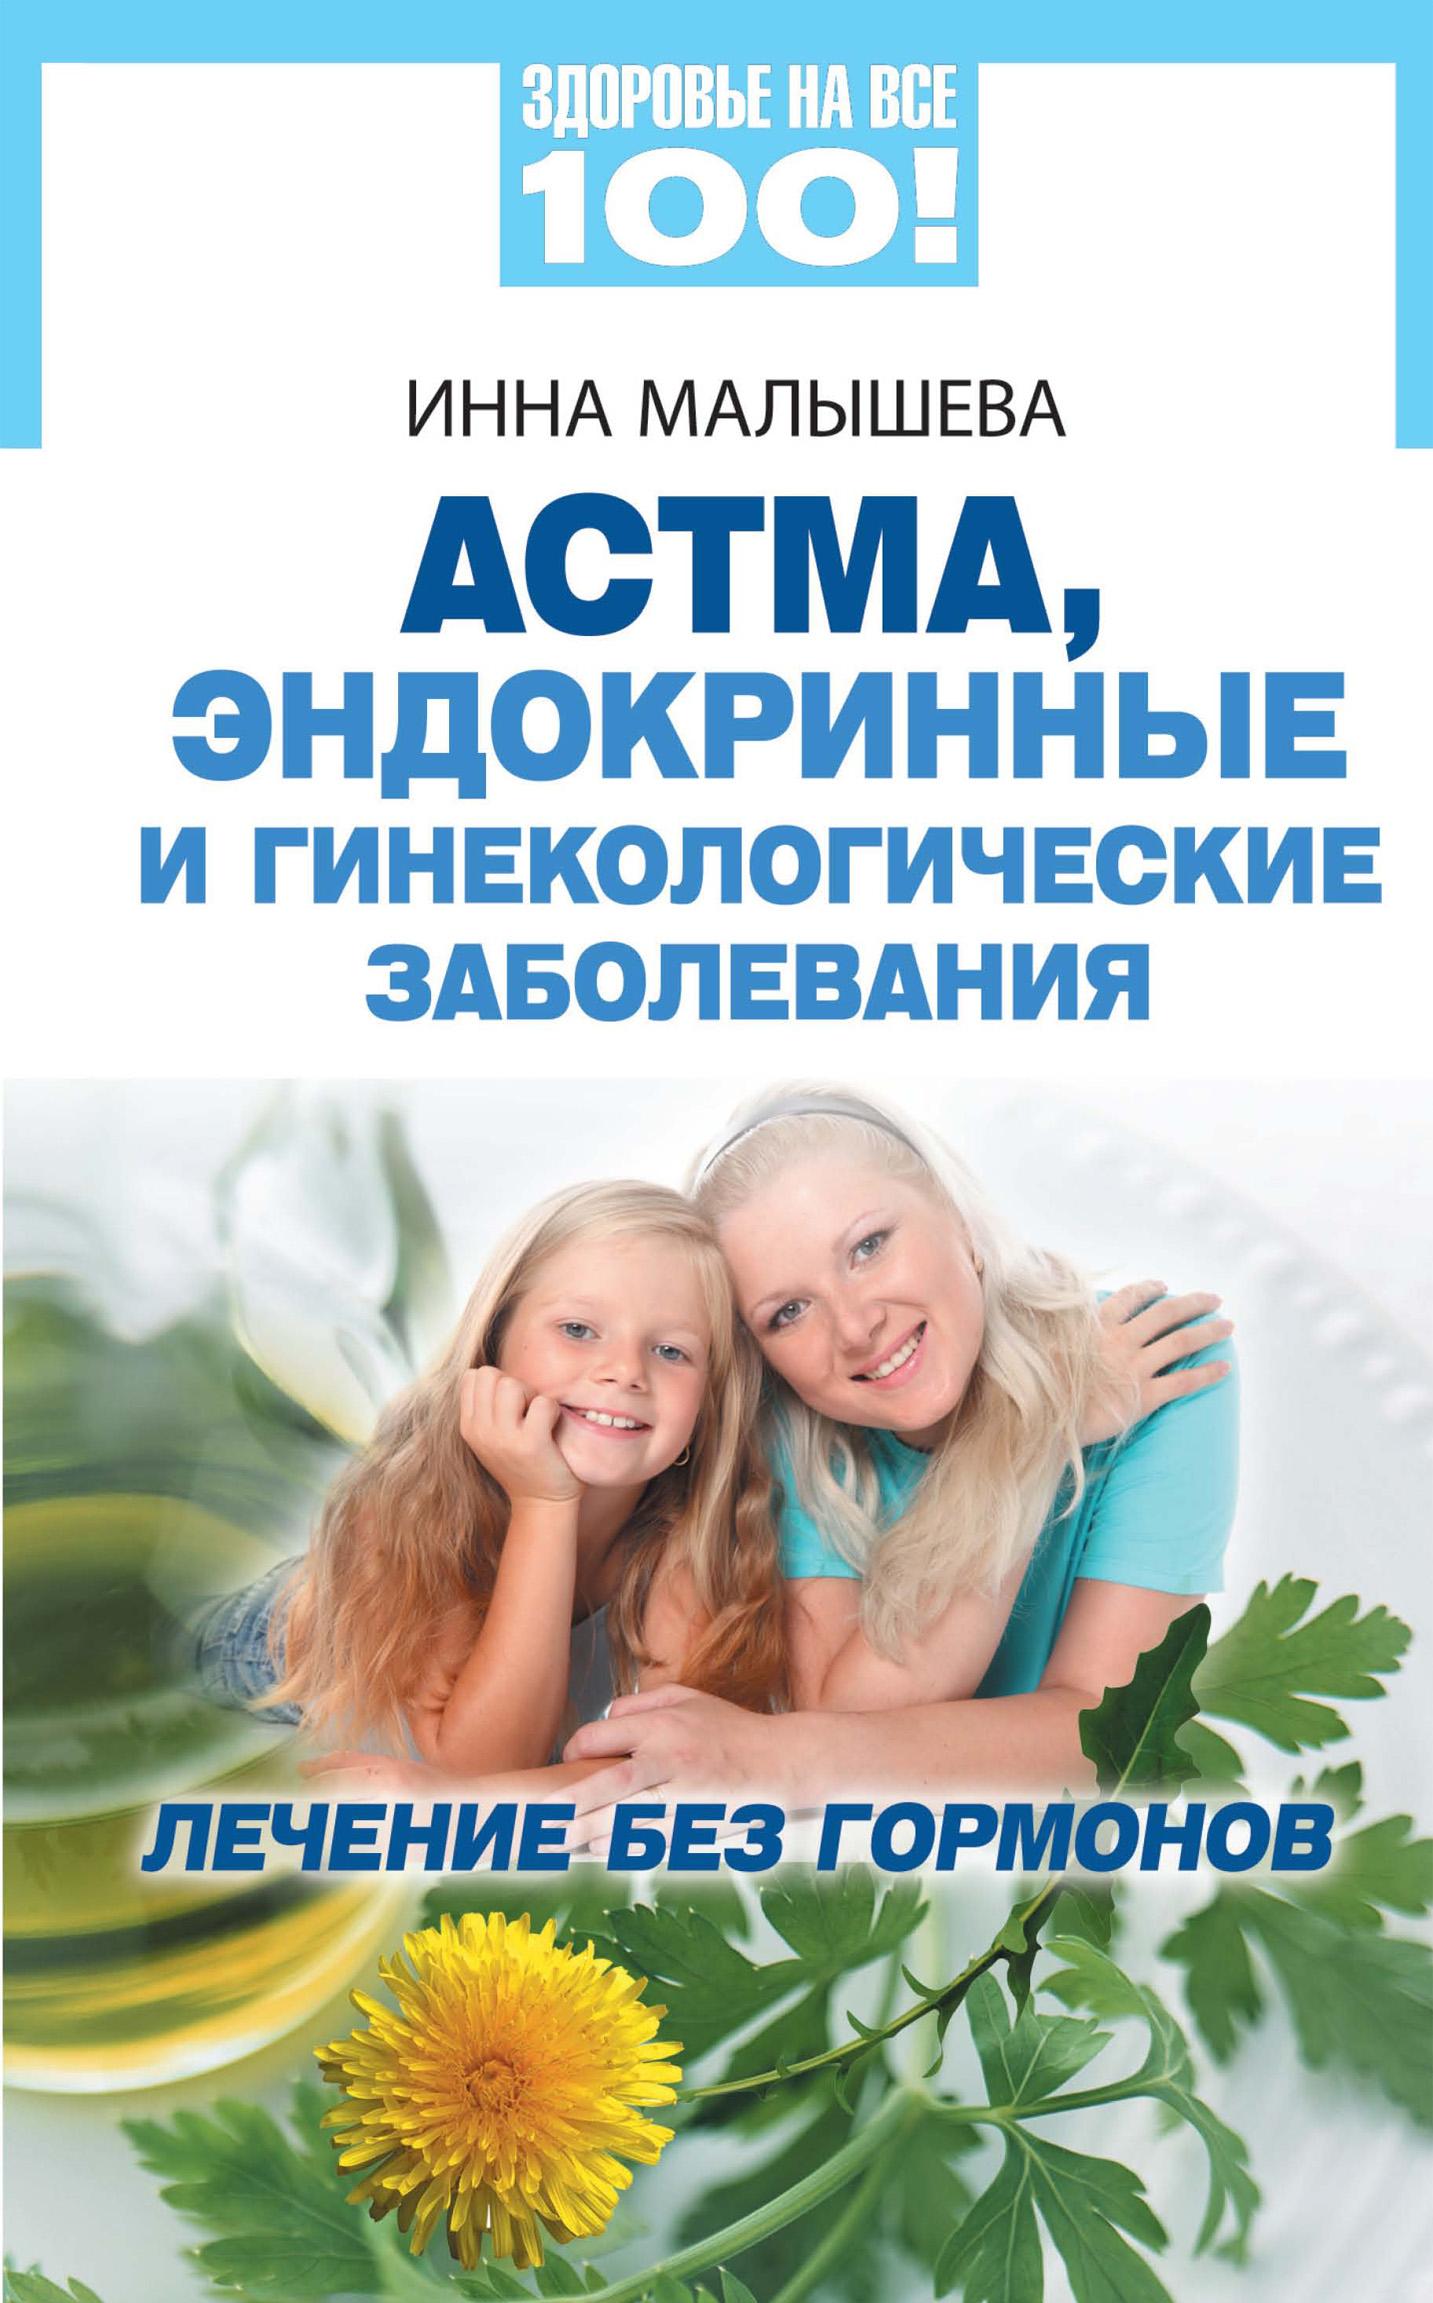 Астма, эндокринные и гинекологические заболевания. Лечение без гормонов